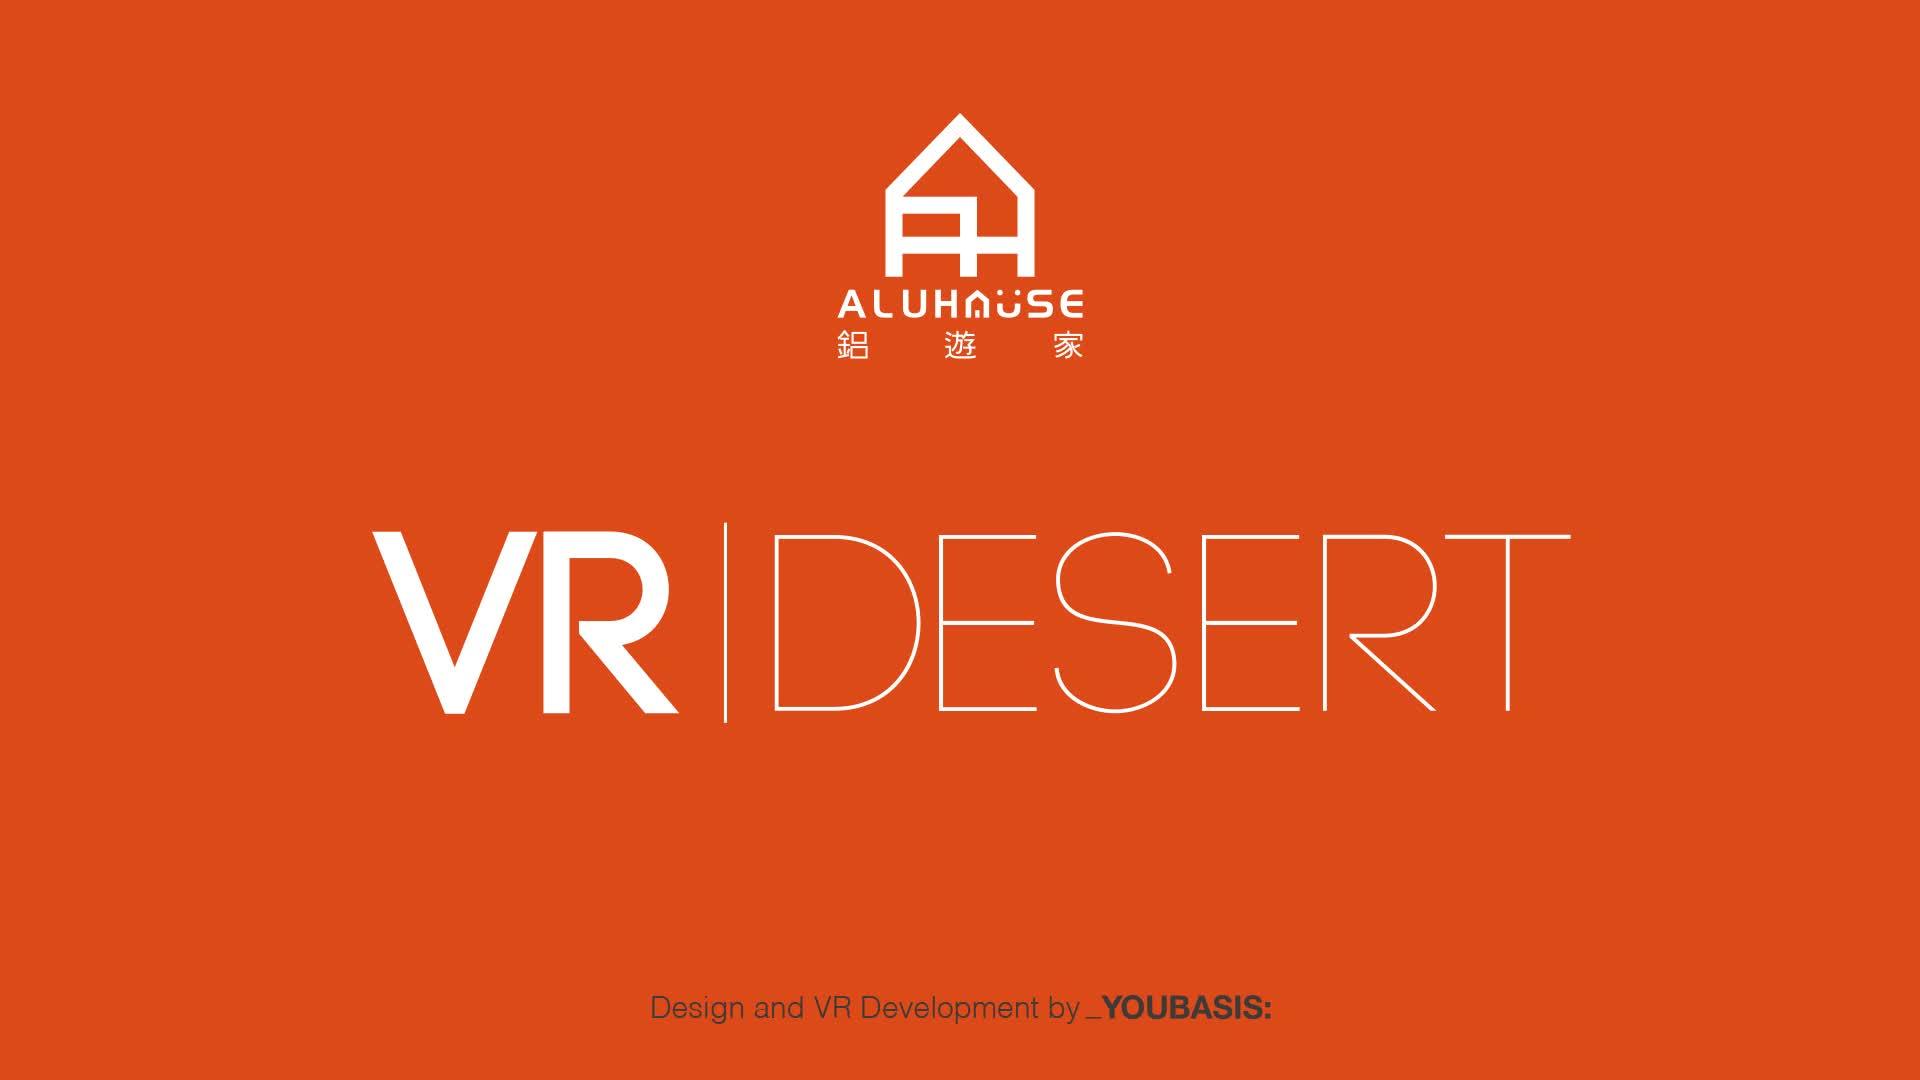 #移动商业#铝遊家筑建沙漠里的移动商业街